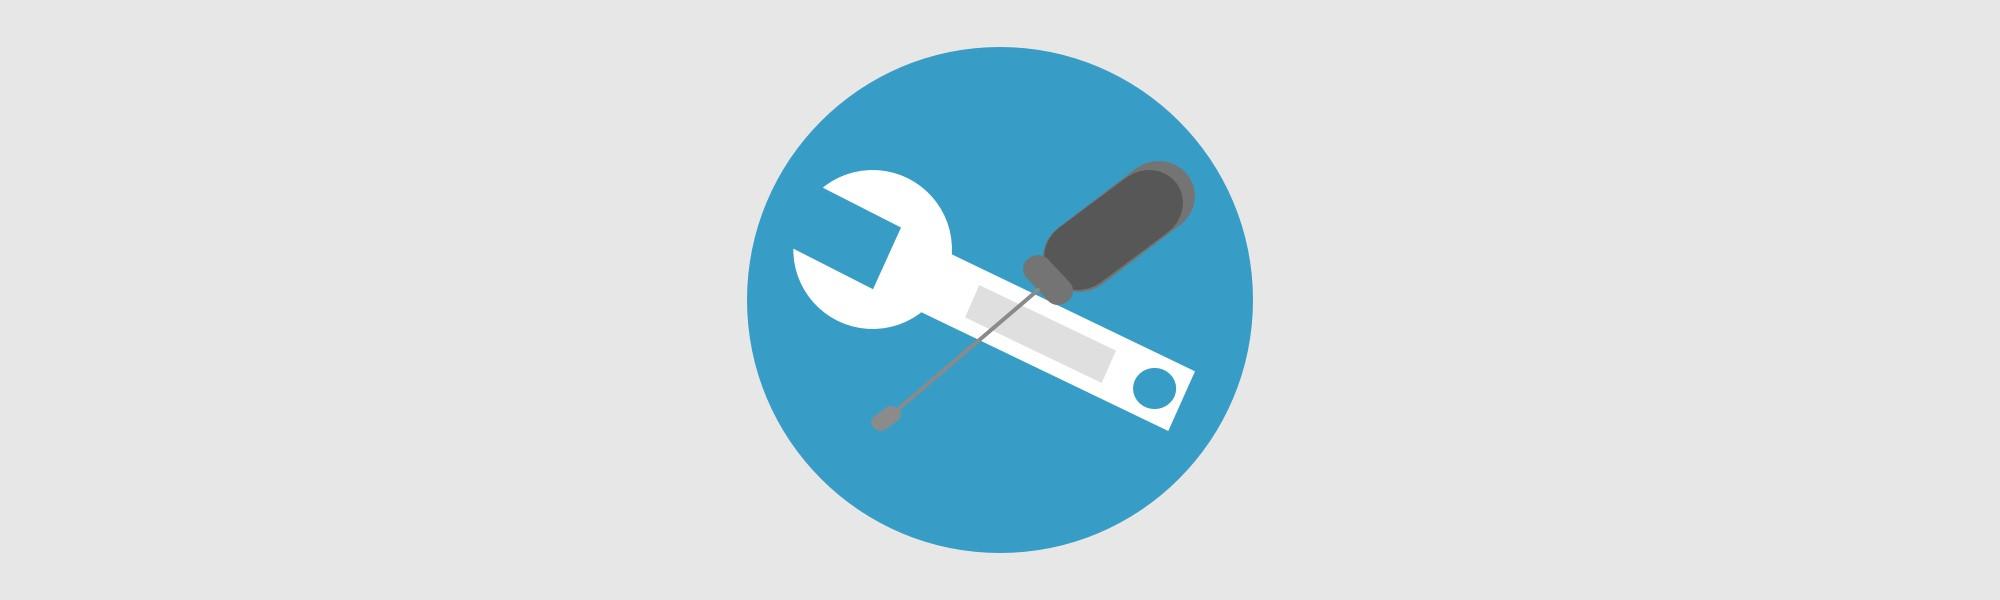 инструментов для iOS